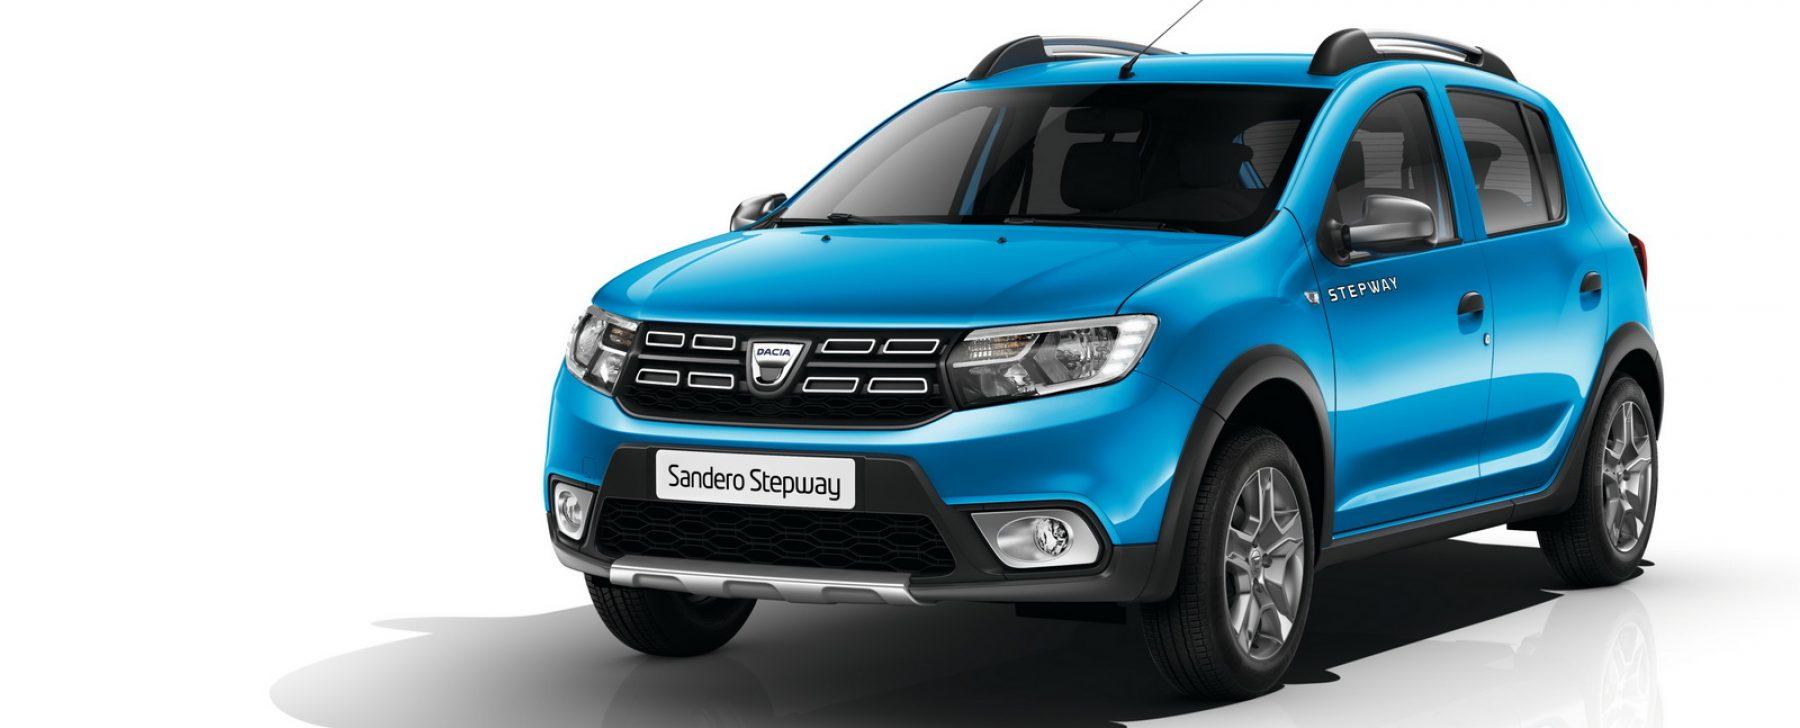 Aniversario Dacia Sandero